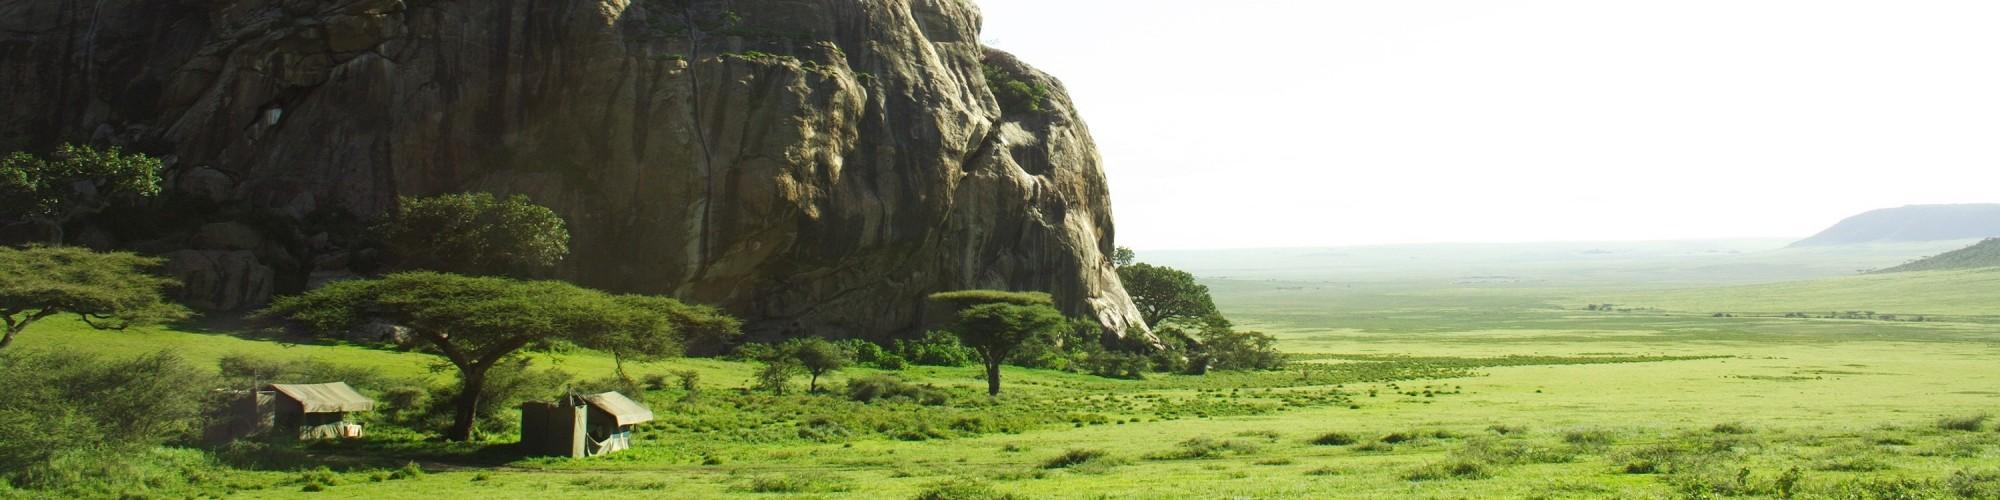 Nomads, Tanzania